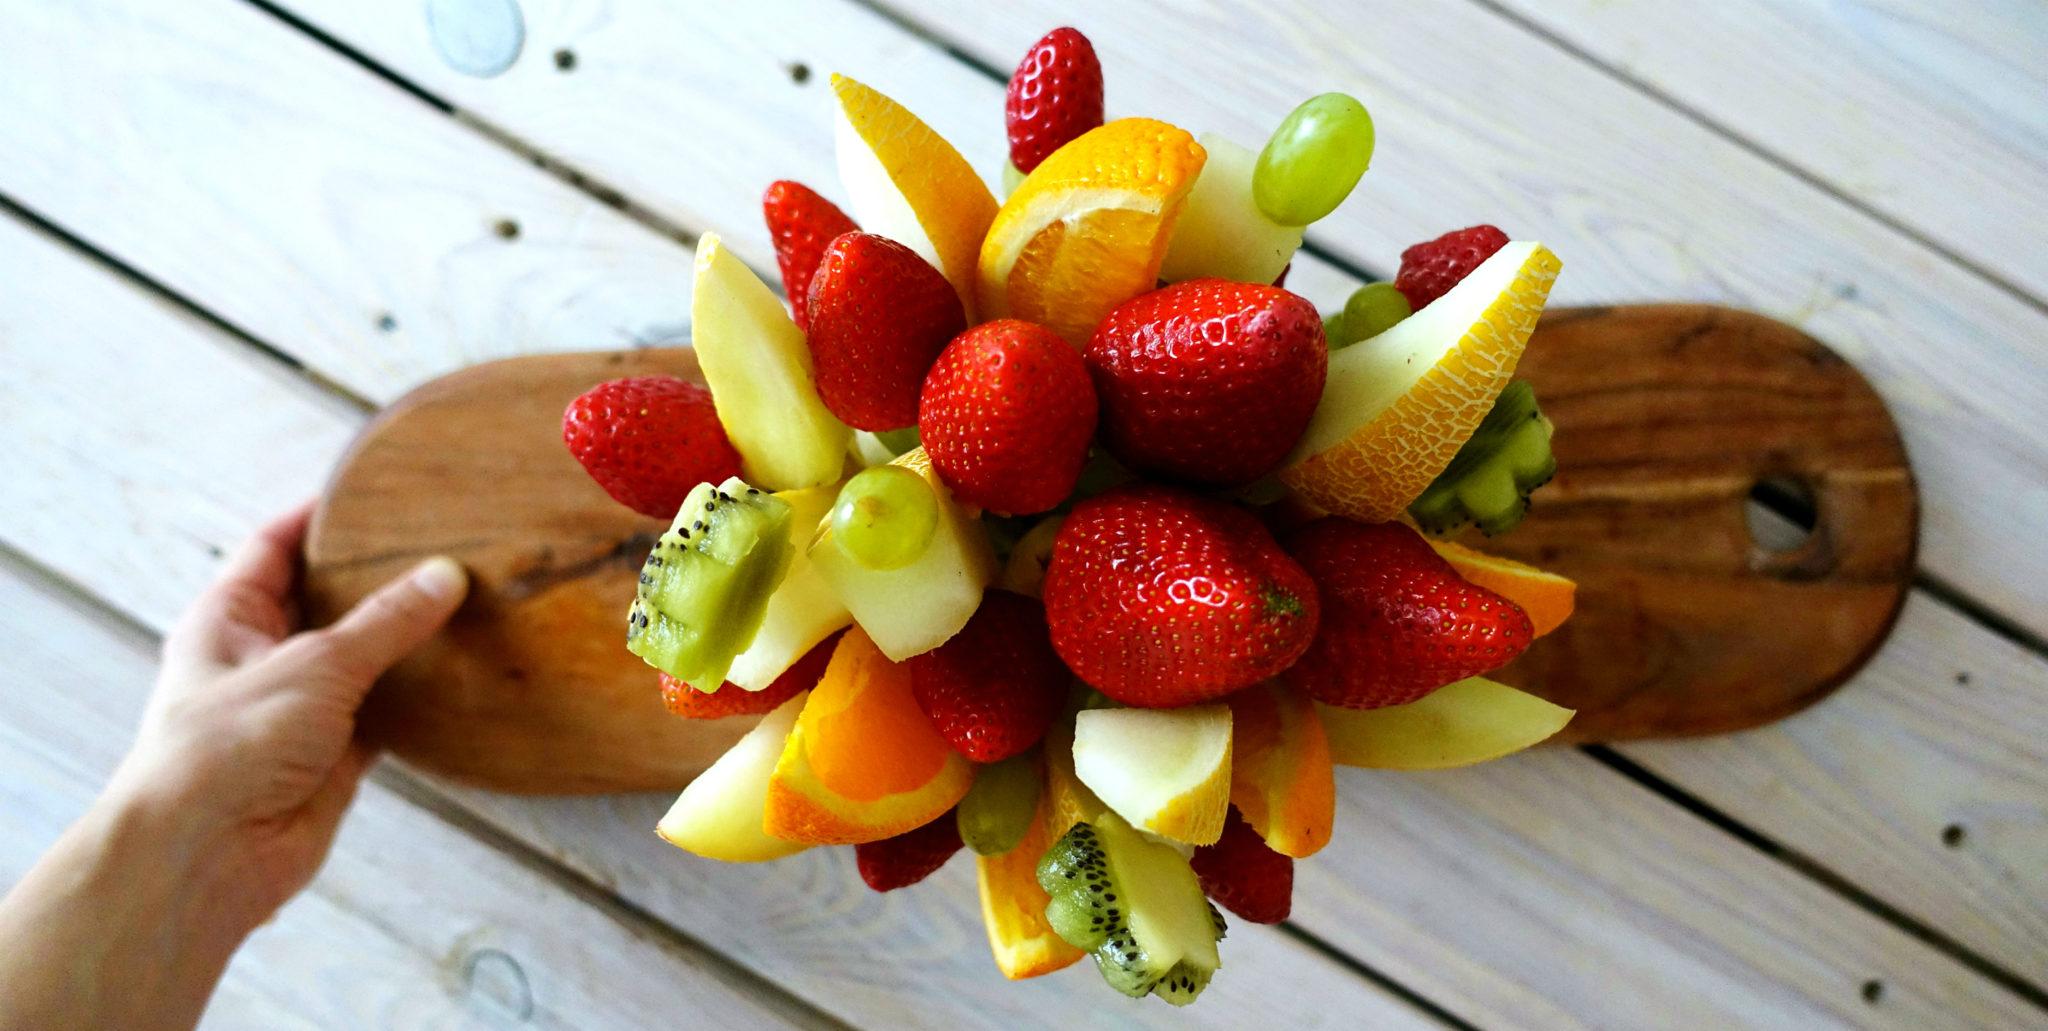 doma vyorbena ovocna kytica